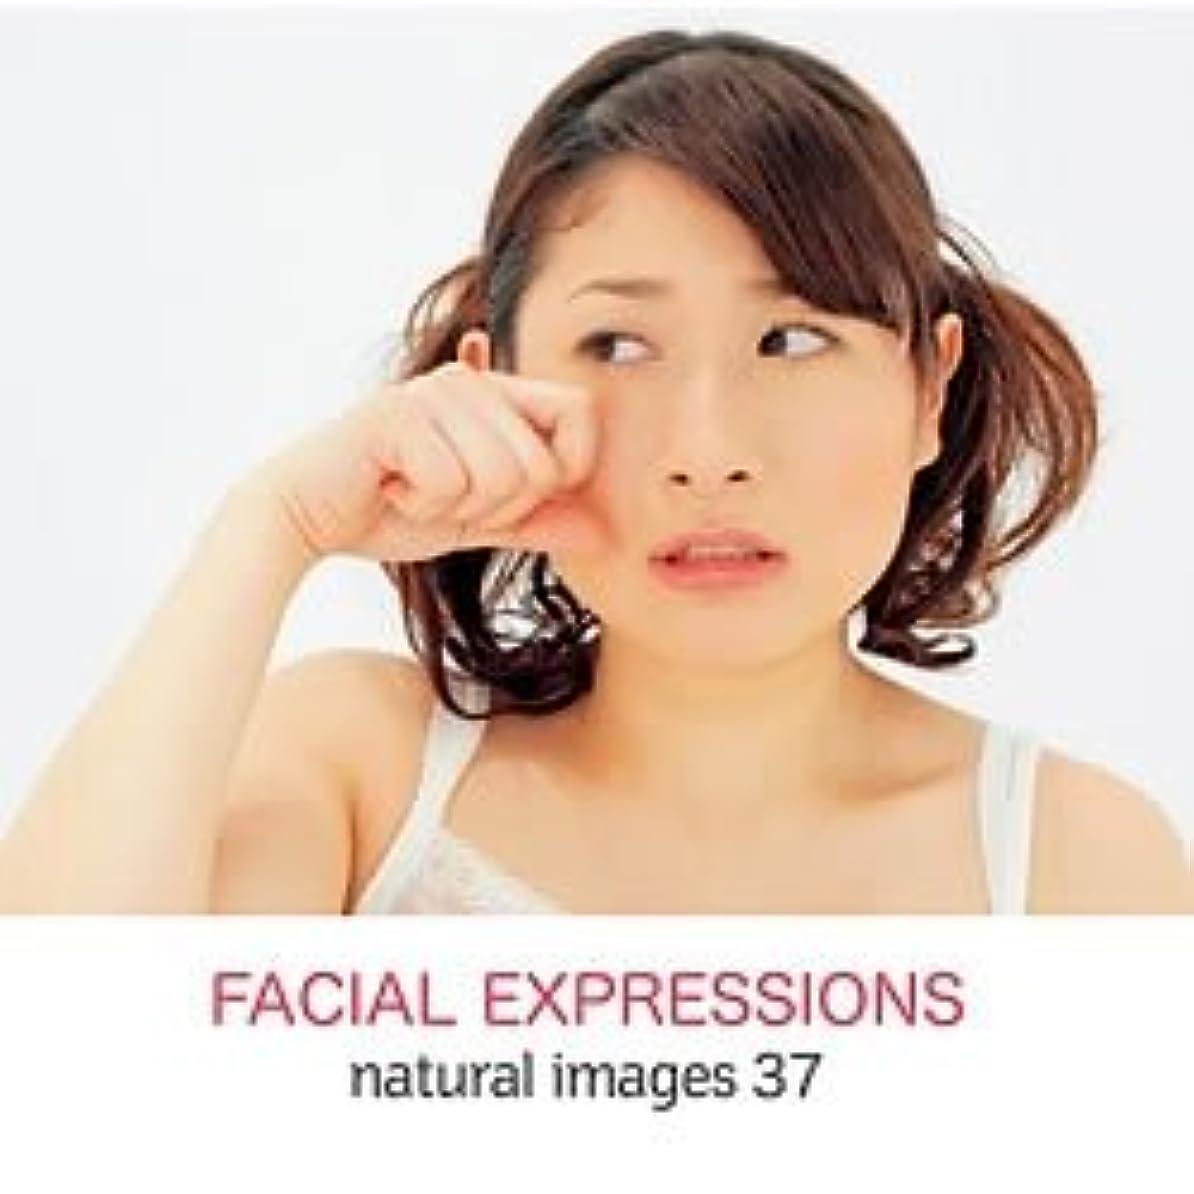 同情マーティンルーサーキングジュニア雹natural images Vol.37 FACIAL EXPRESSIONS